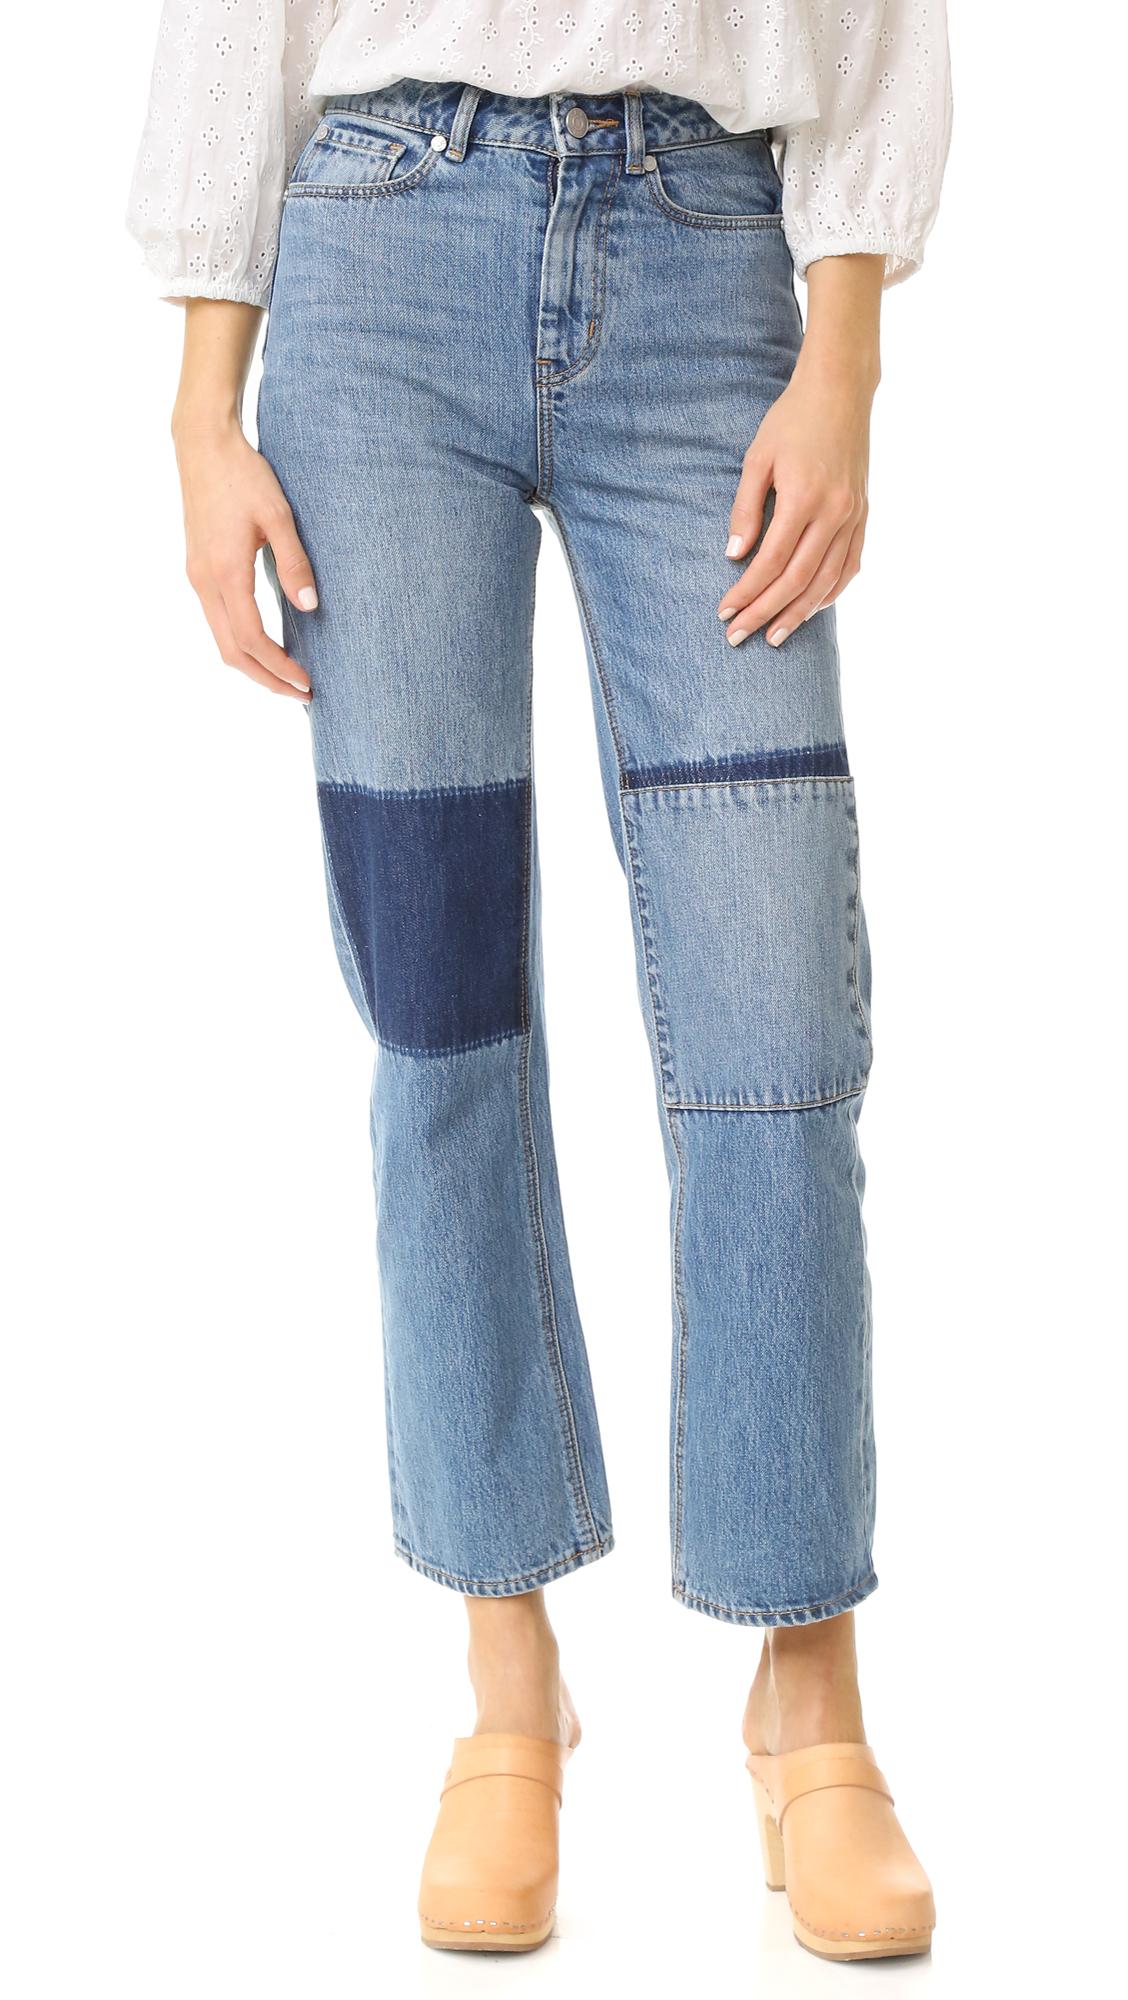 La Vie Rebecca Taylor Amelie Patchwork Jeans - Patch Wash at Shopbop